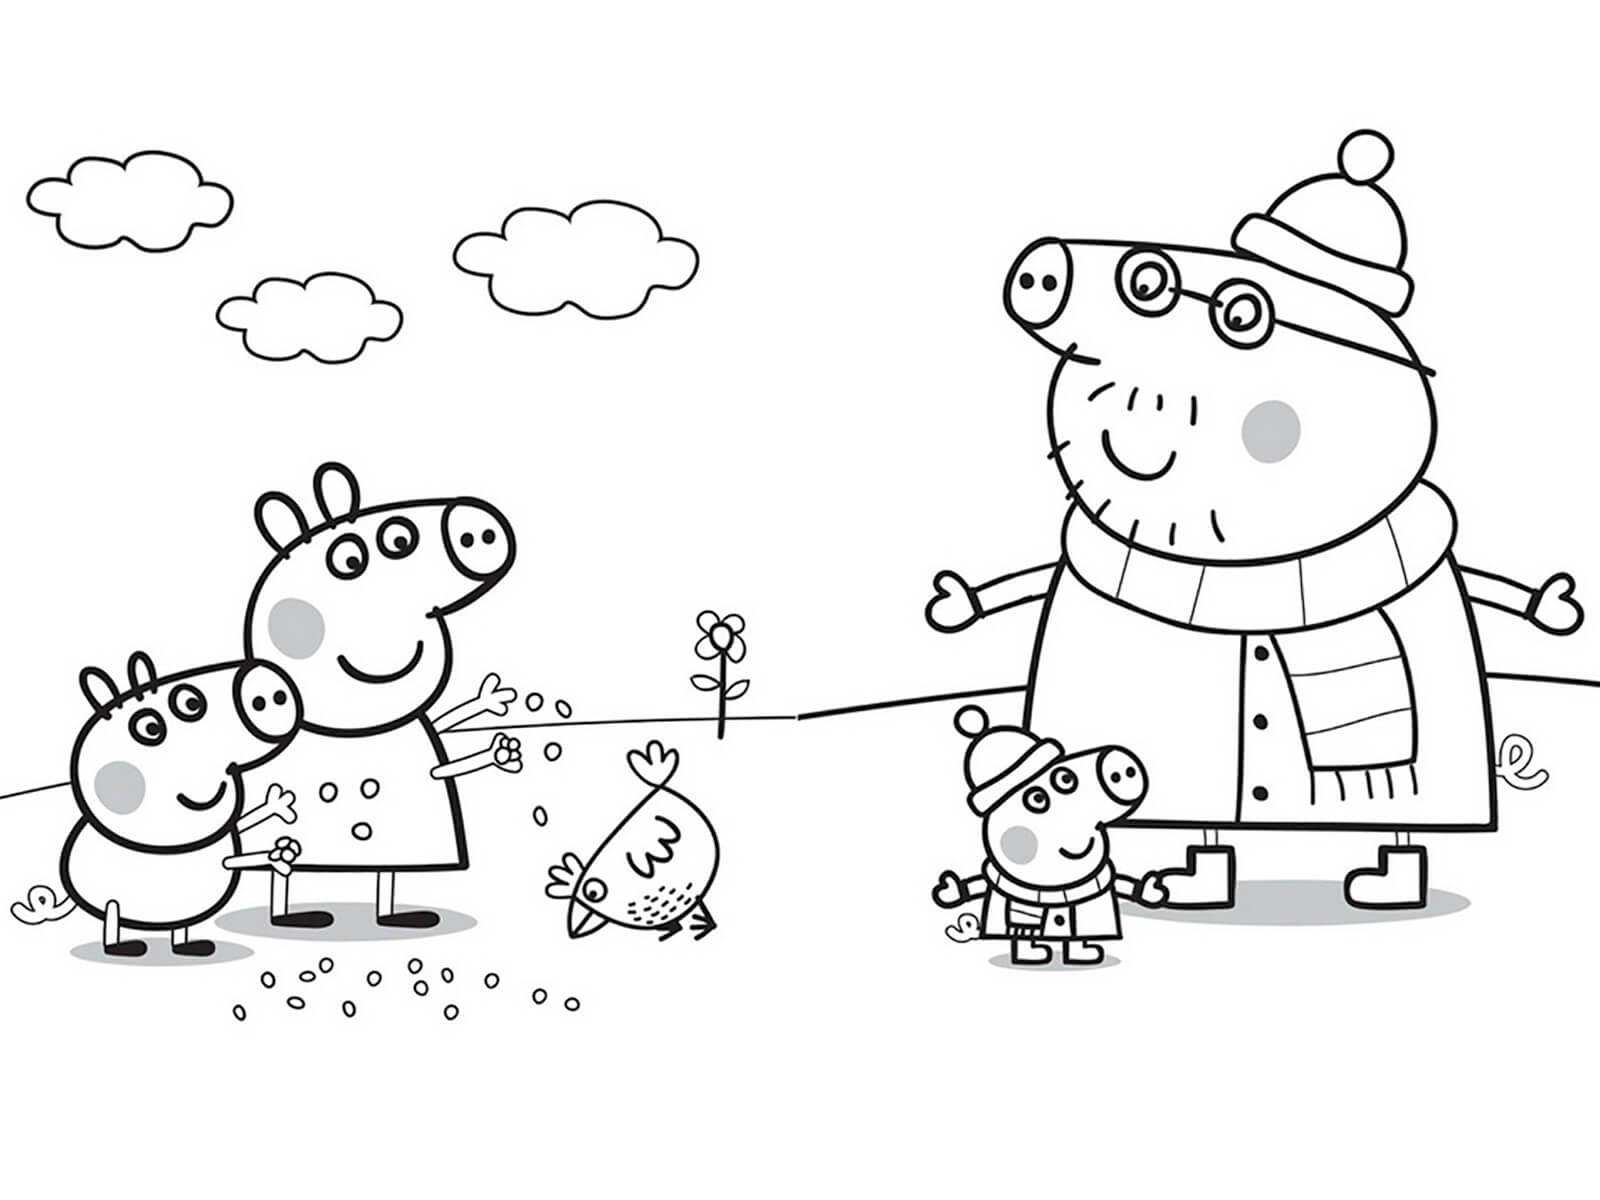 Семья Свинки Пеппы зимой - раскраска №615 | Printonic.ru